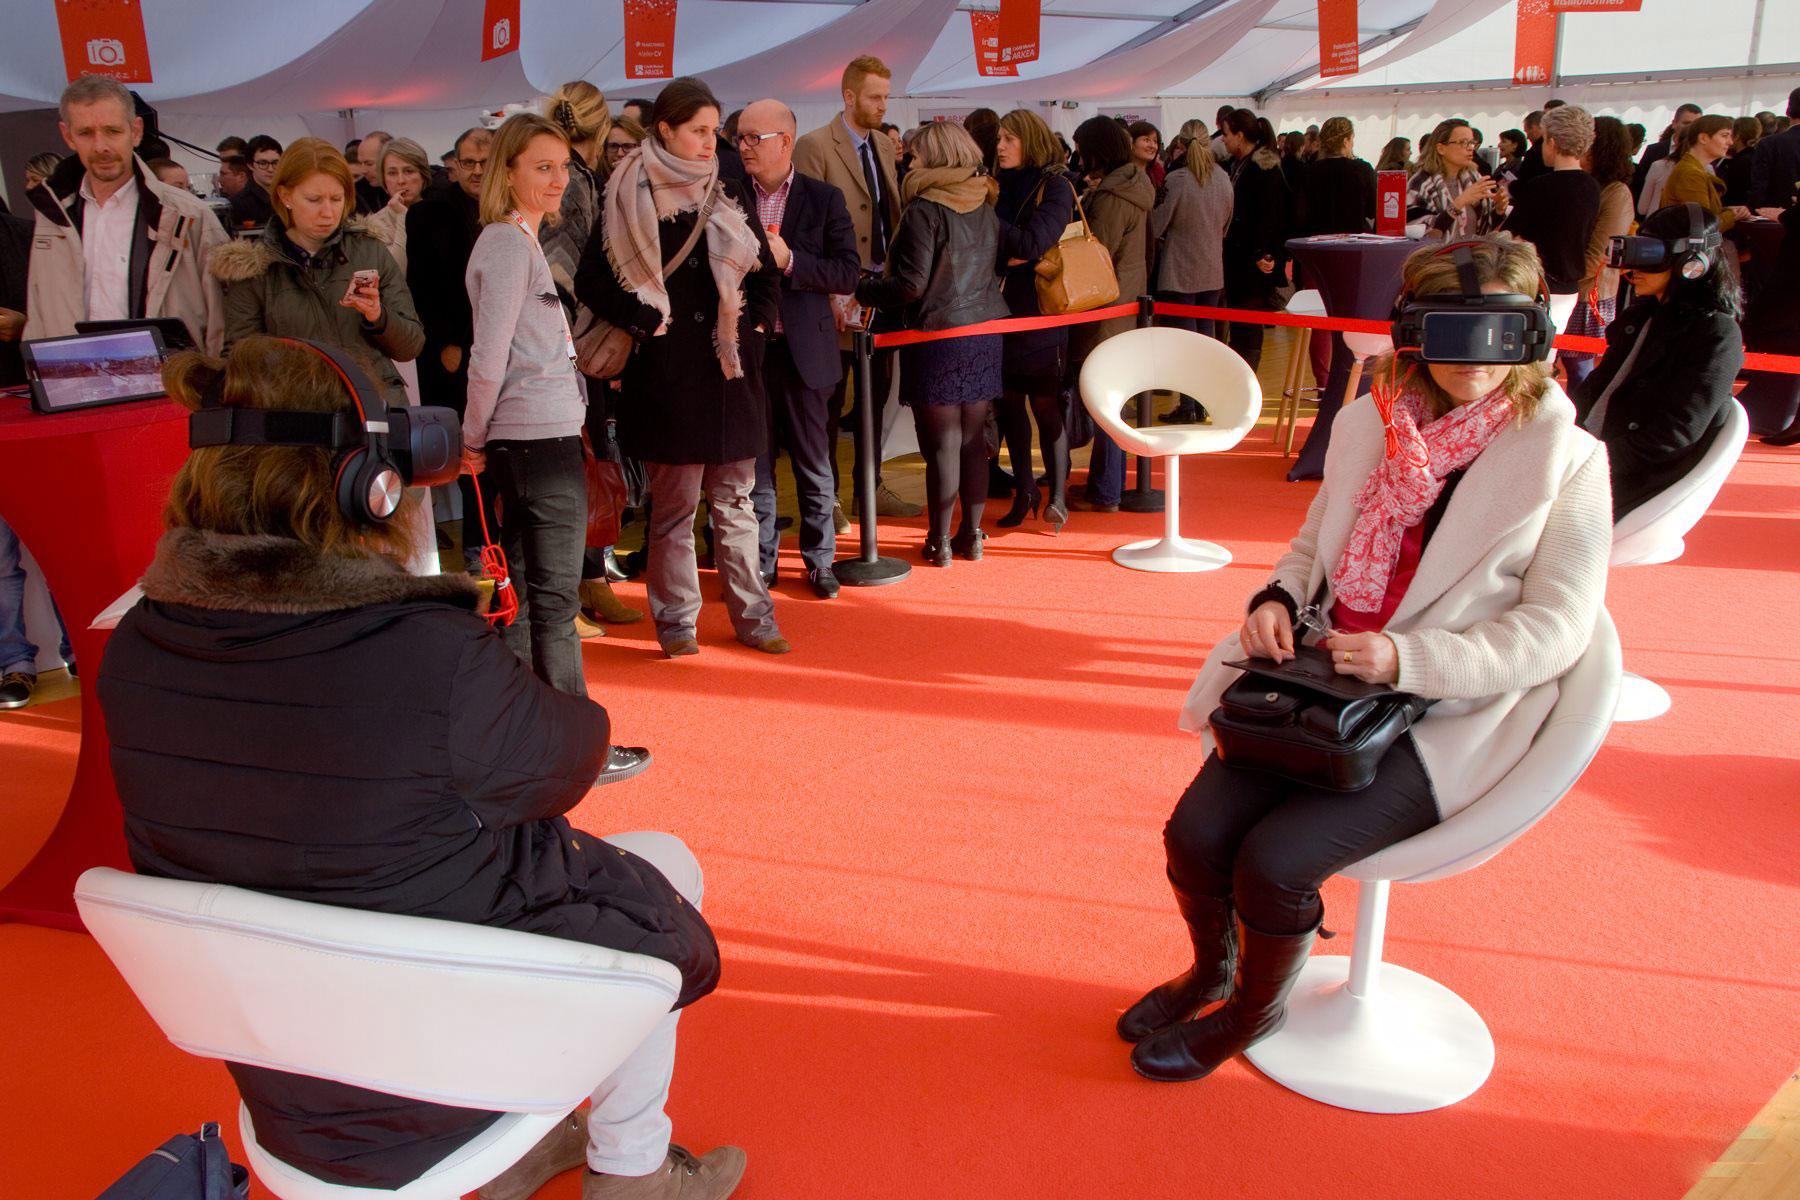 CMB Arkéa - Showroom - Une jolie idée - Agence de réalité virtuelle - Production de photo sphérique et de vidéo 360°